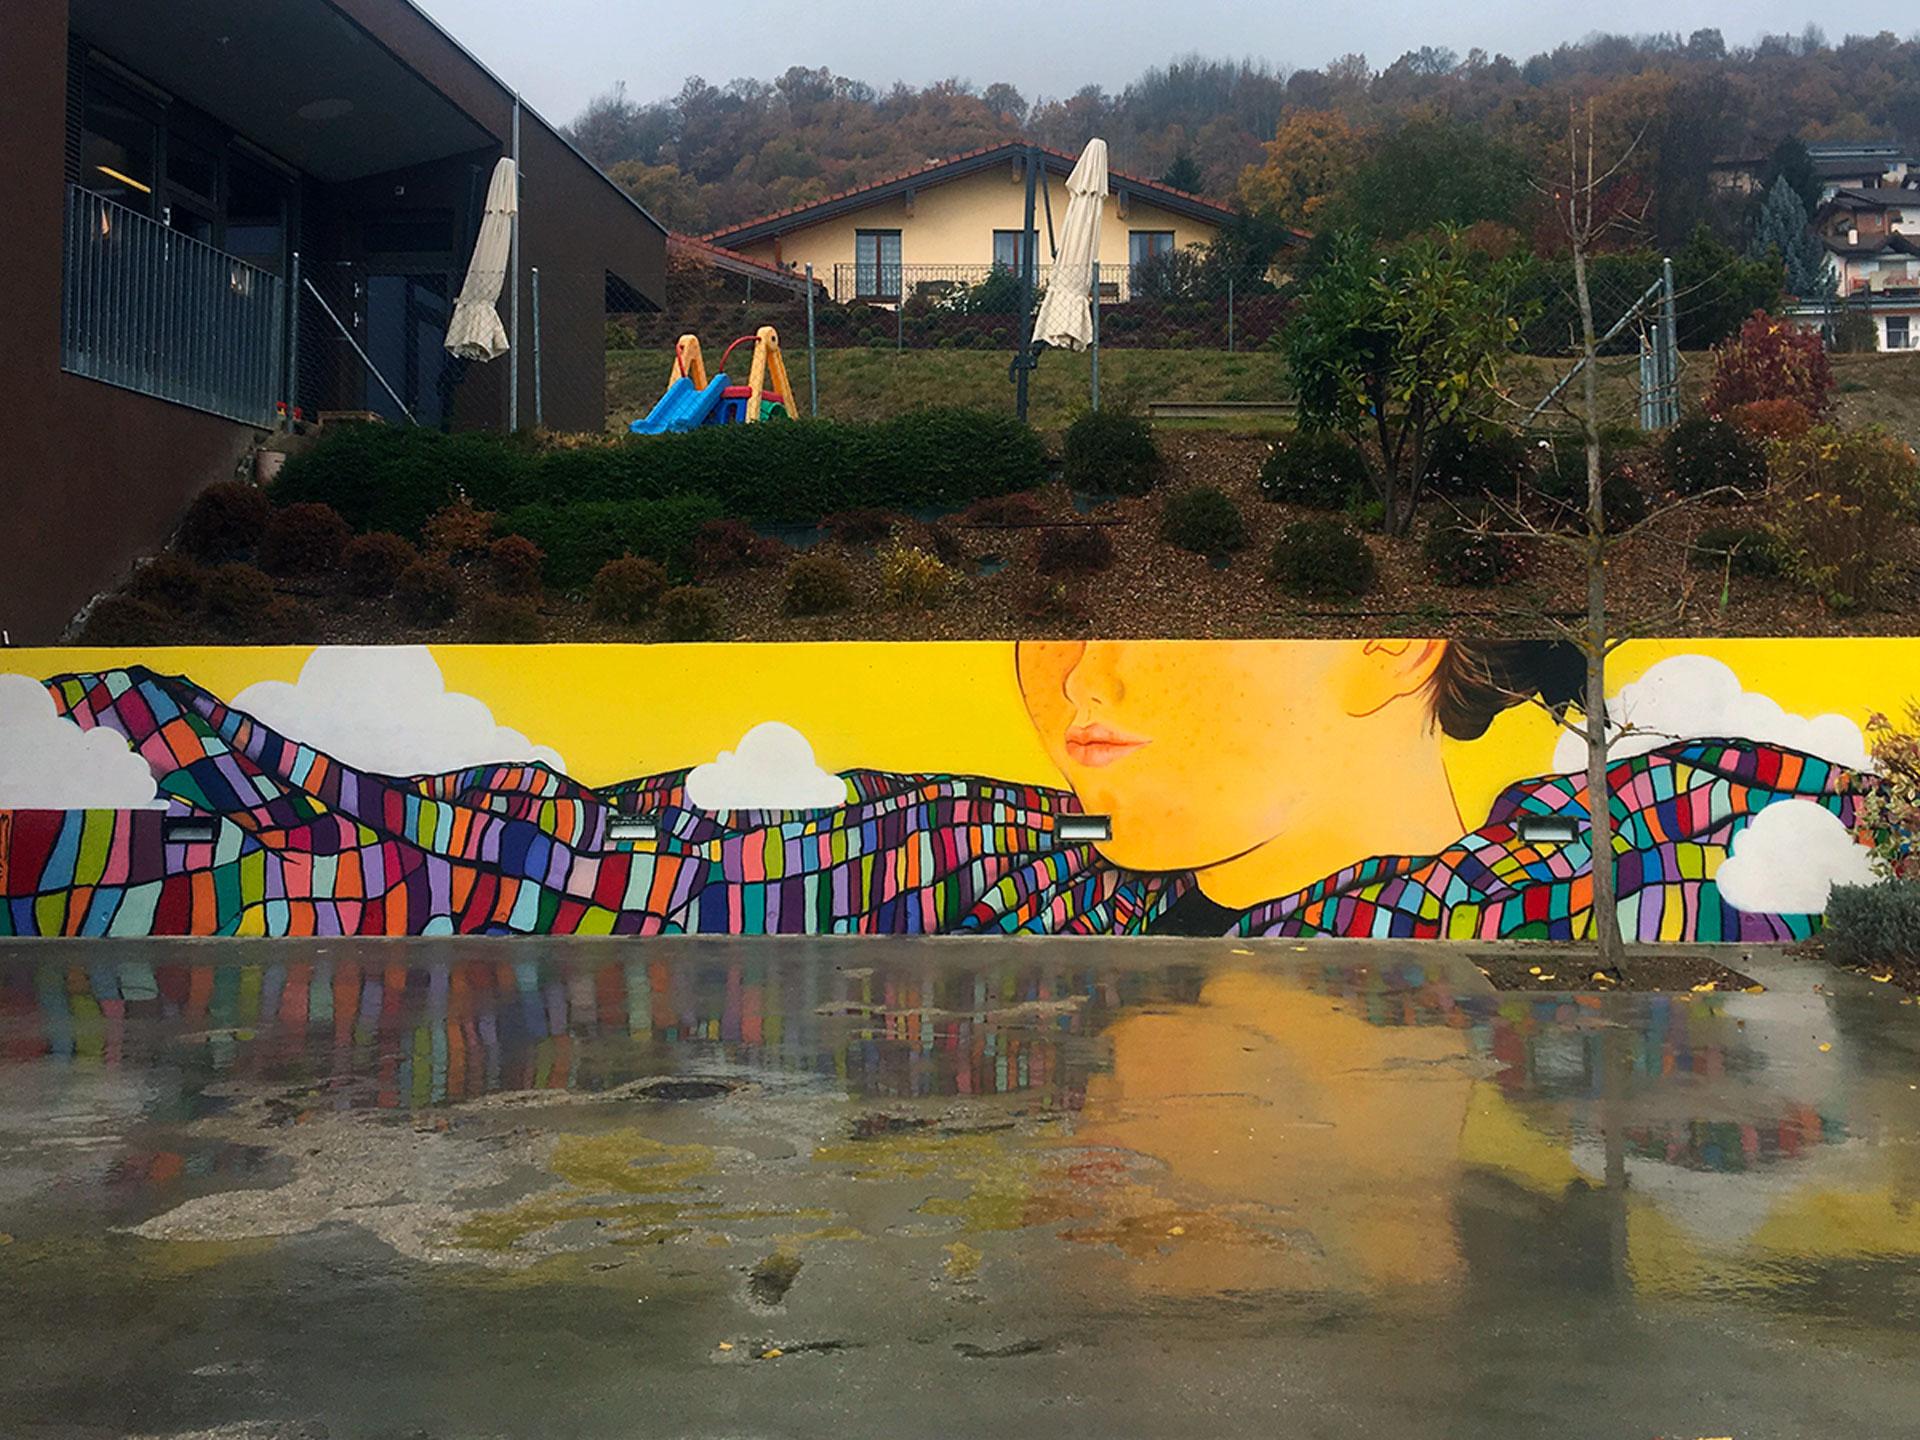 savièse uape ecole des peintres de savièse femme multi coloro couchée enfant jaune village valais suisse traiditonnel peinture graffiti street urban art issam rezgui jasm1 jasm one